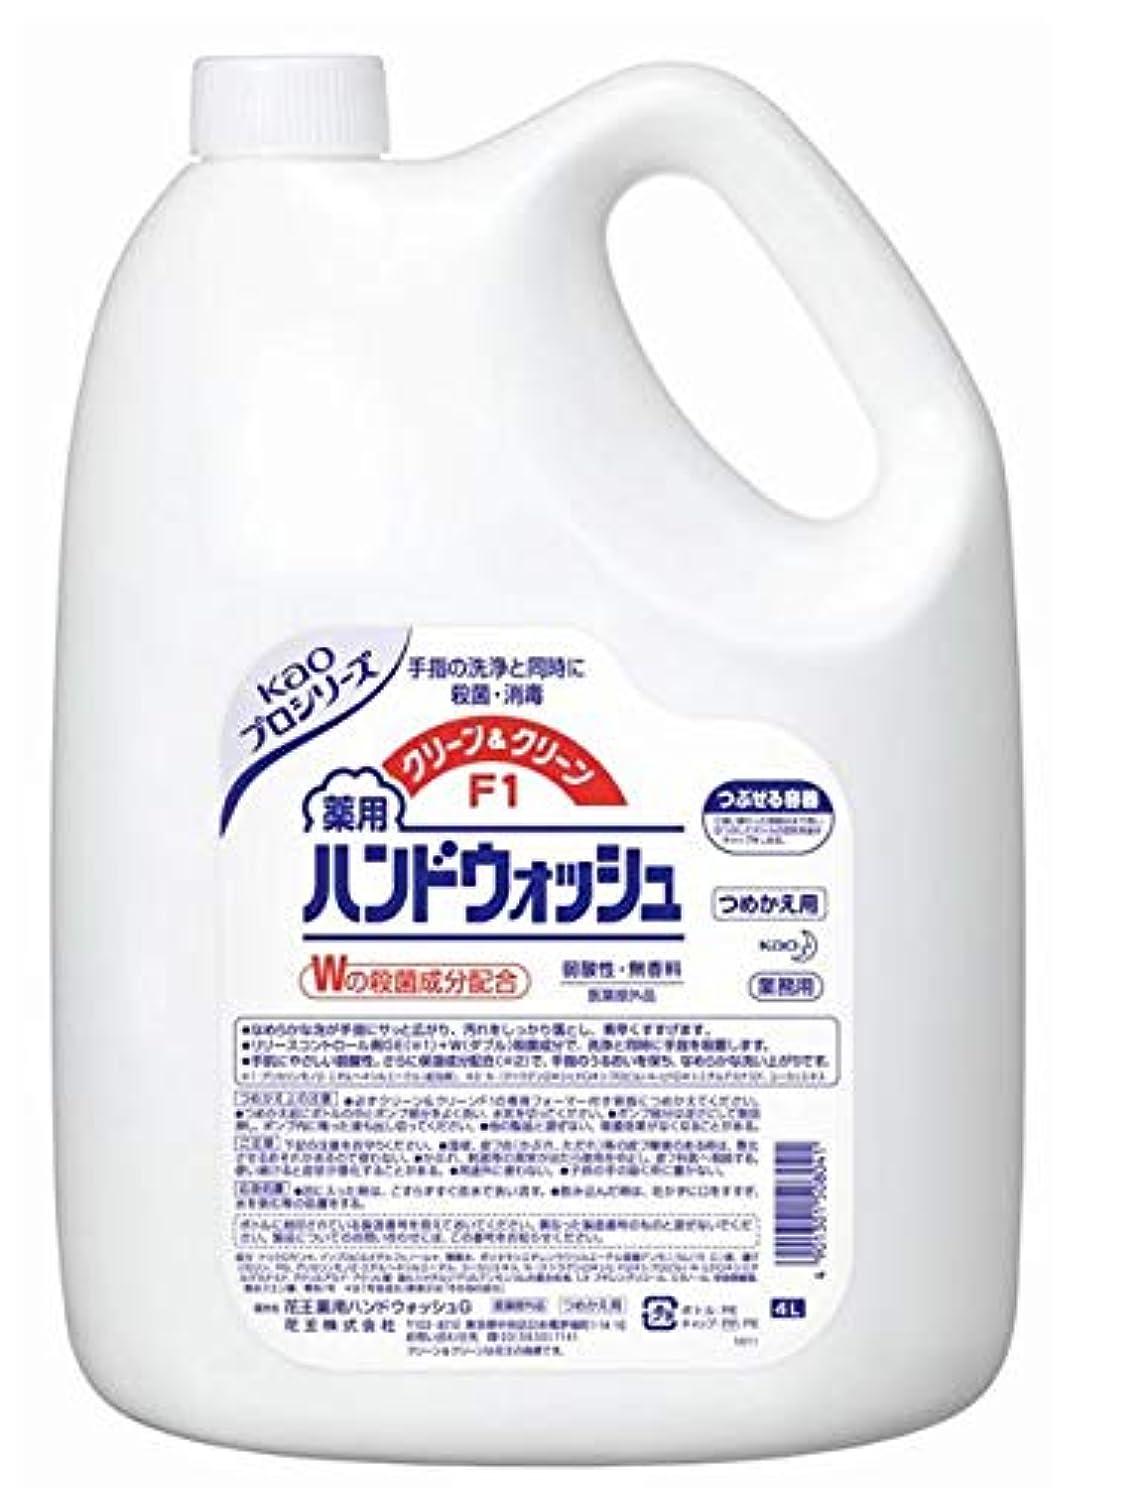 伝染性推進力鯨花王 クリーン&クリーンF1 薬用ハンドウォッシュ 4リットル 3缶セット